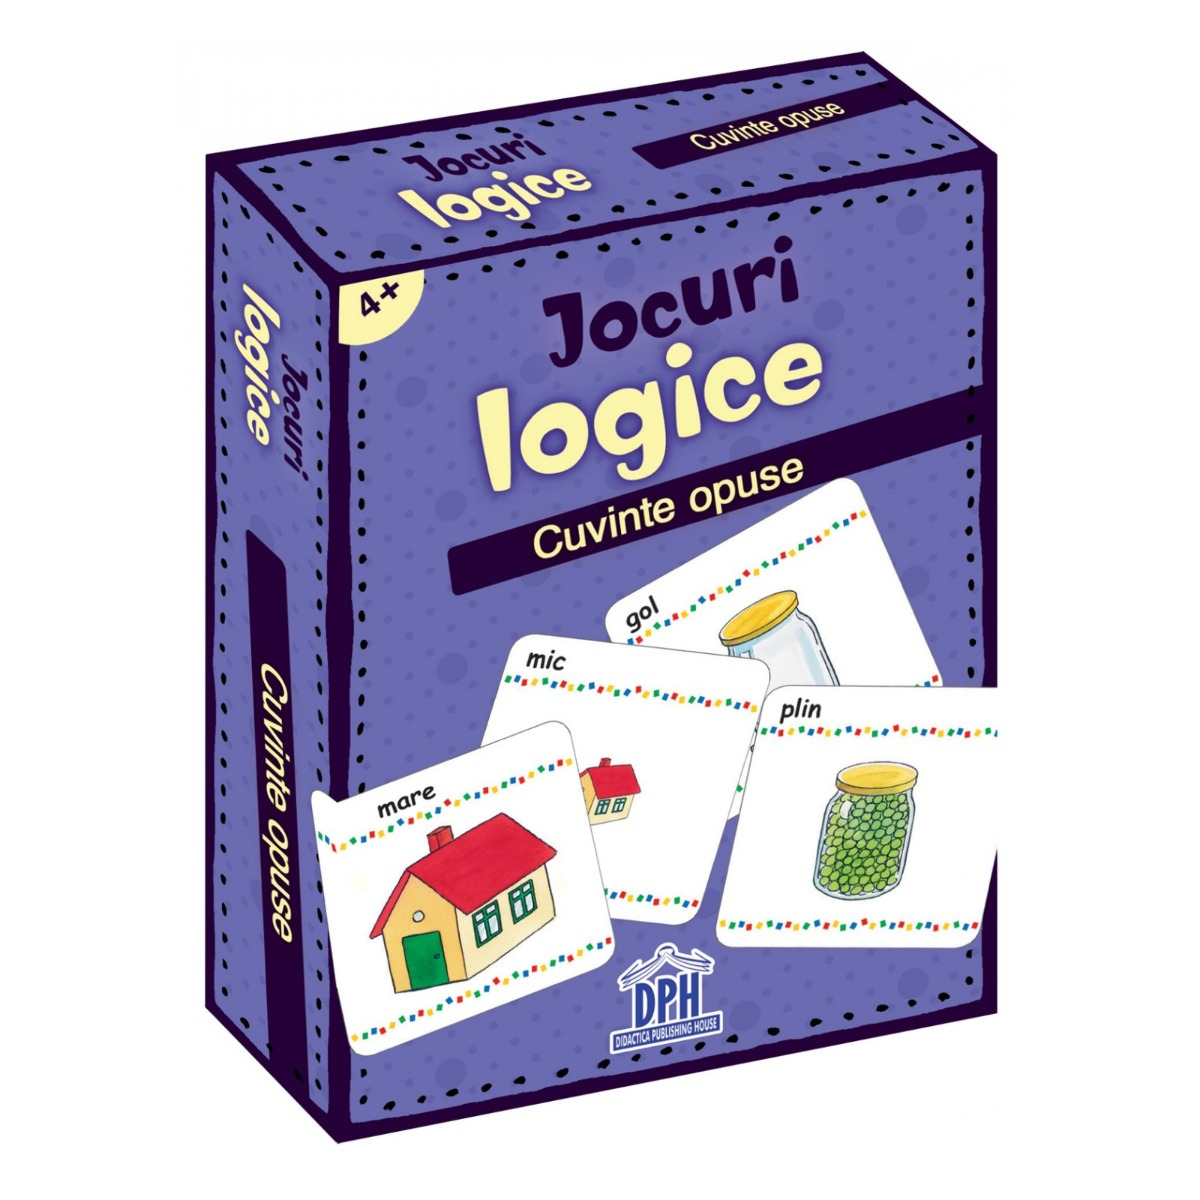 Jocuri logice, Cuvinte opuse, Editura DPH, 48 jetoane imagine 2021